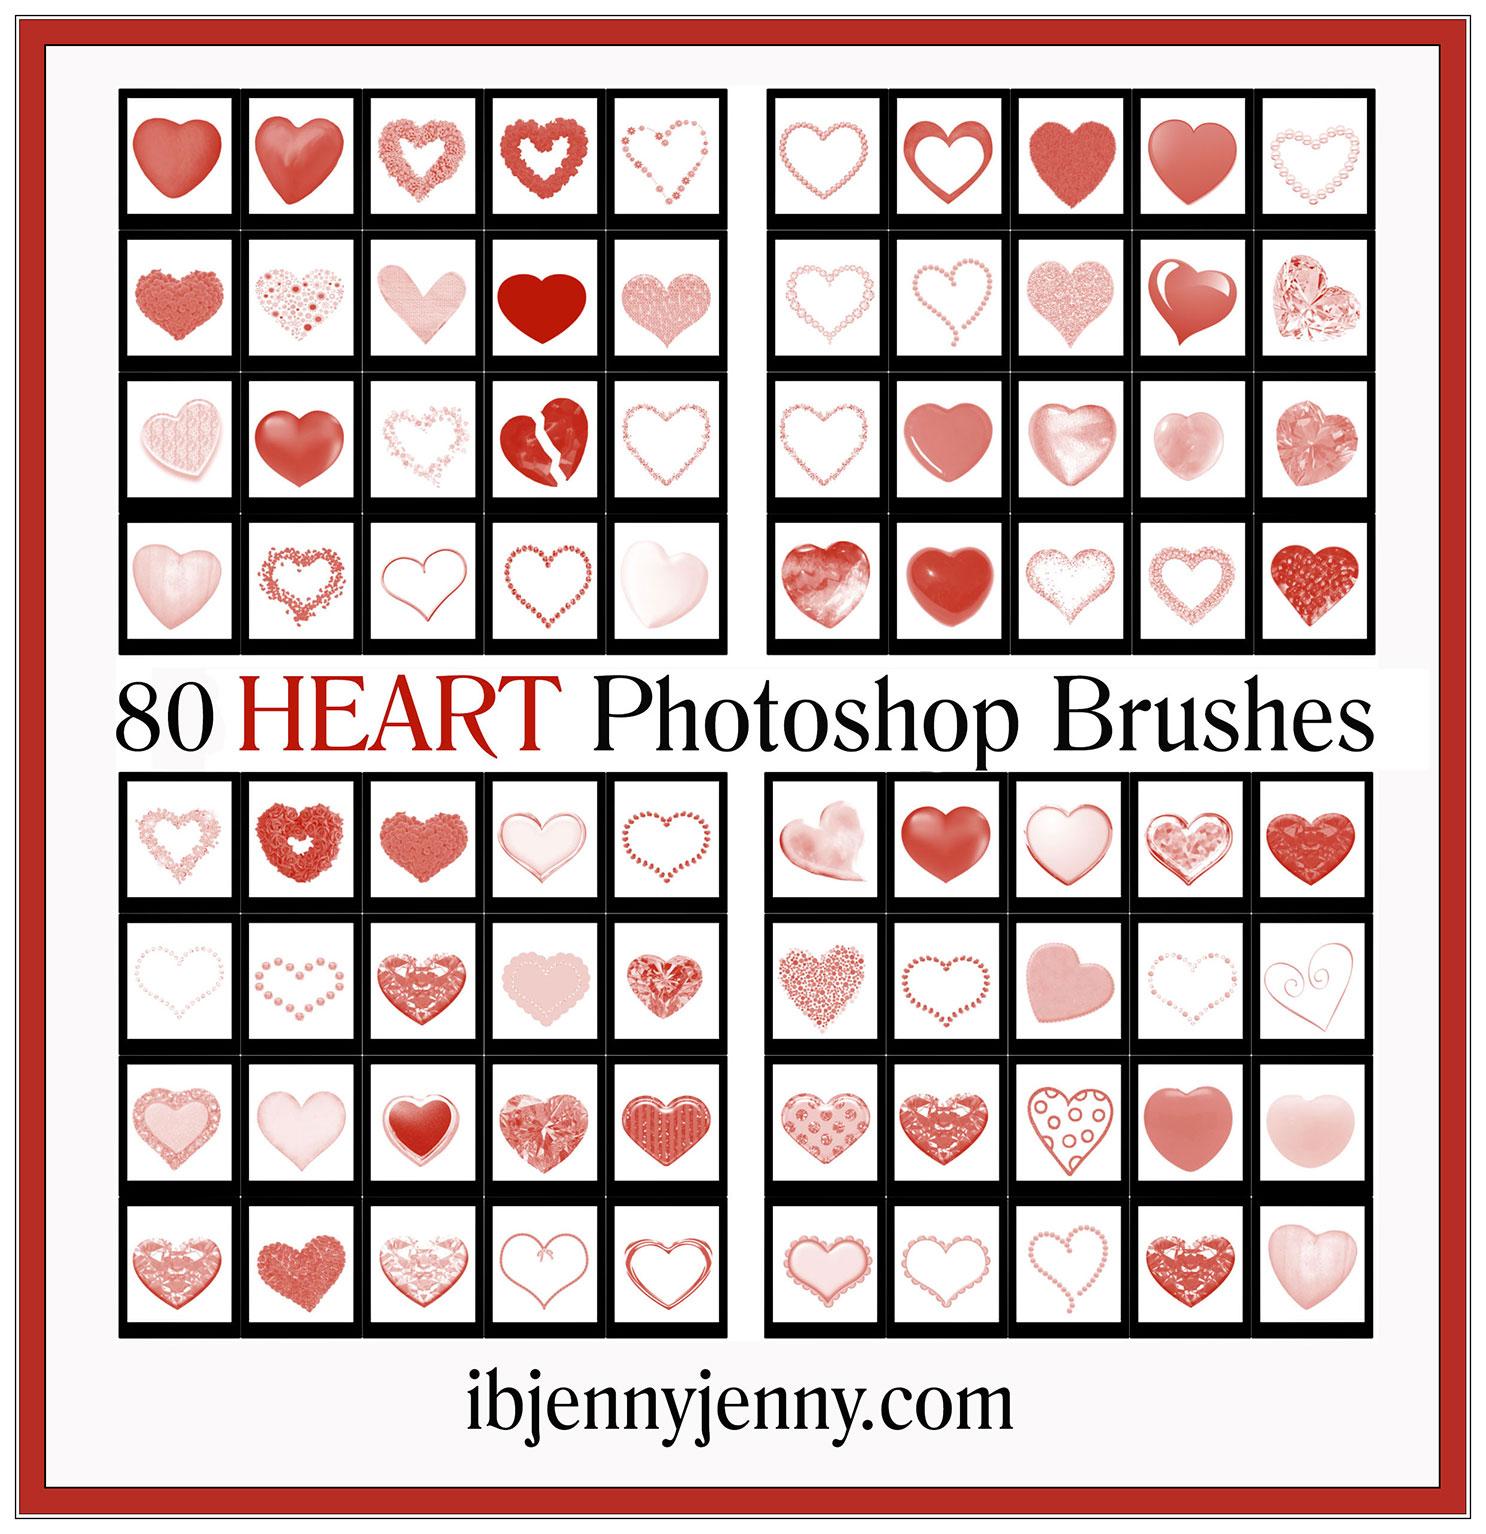 80种爱心、心形图案Photoshop笔刷素材